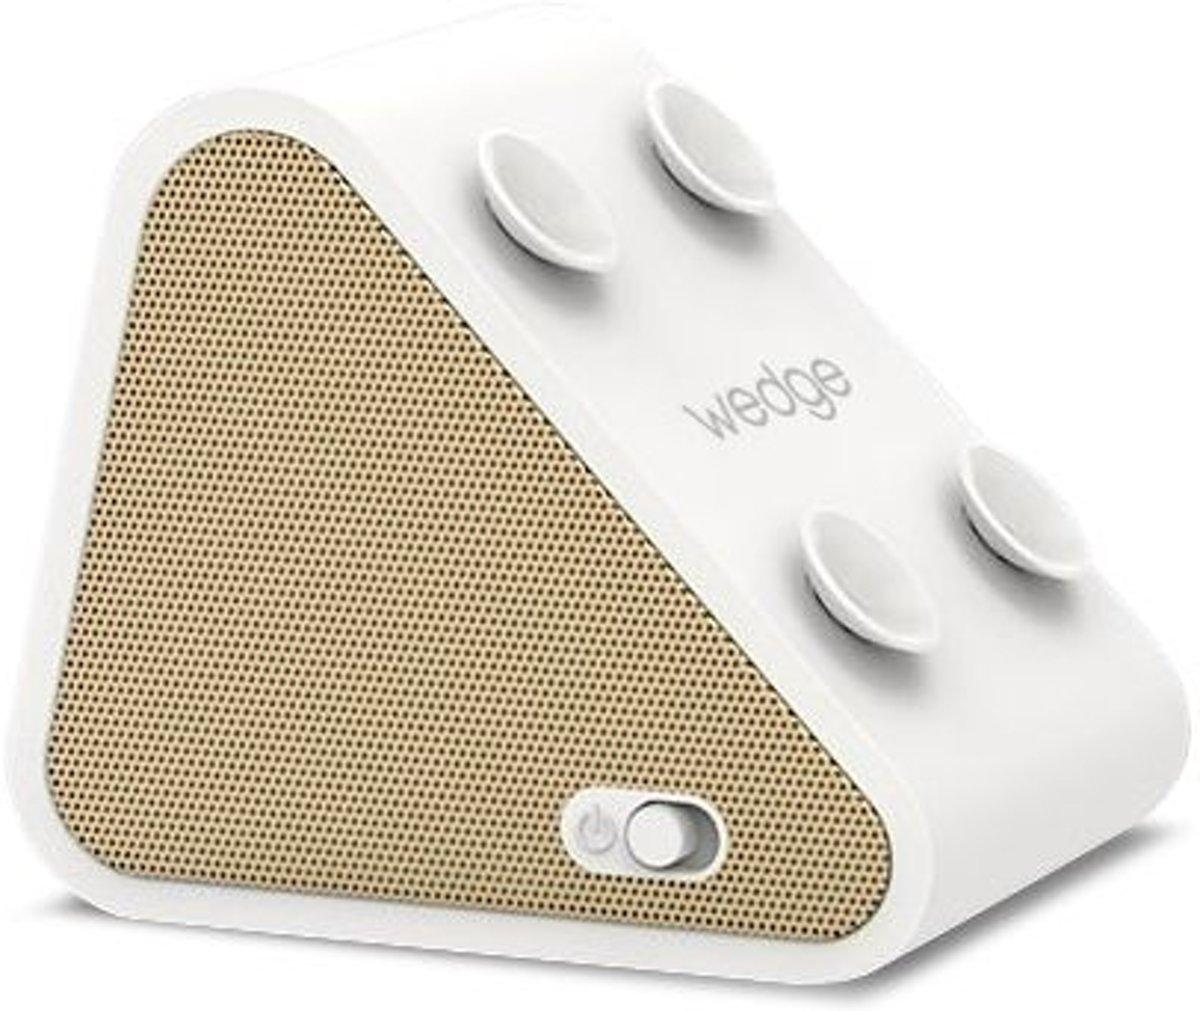 Antec Wedge 2 in 1 Compact Bluetooth Speaker met Smartphone houder - Goudkleurig